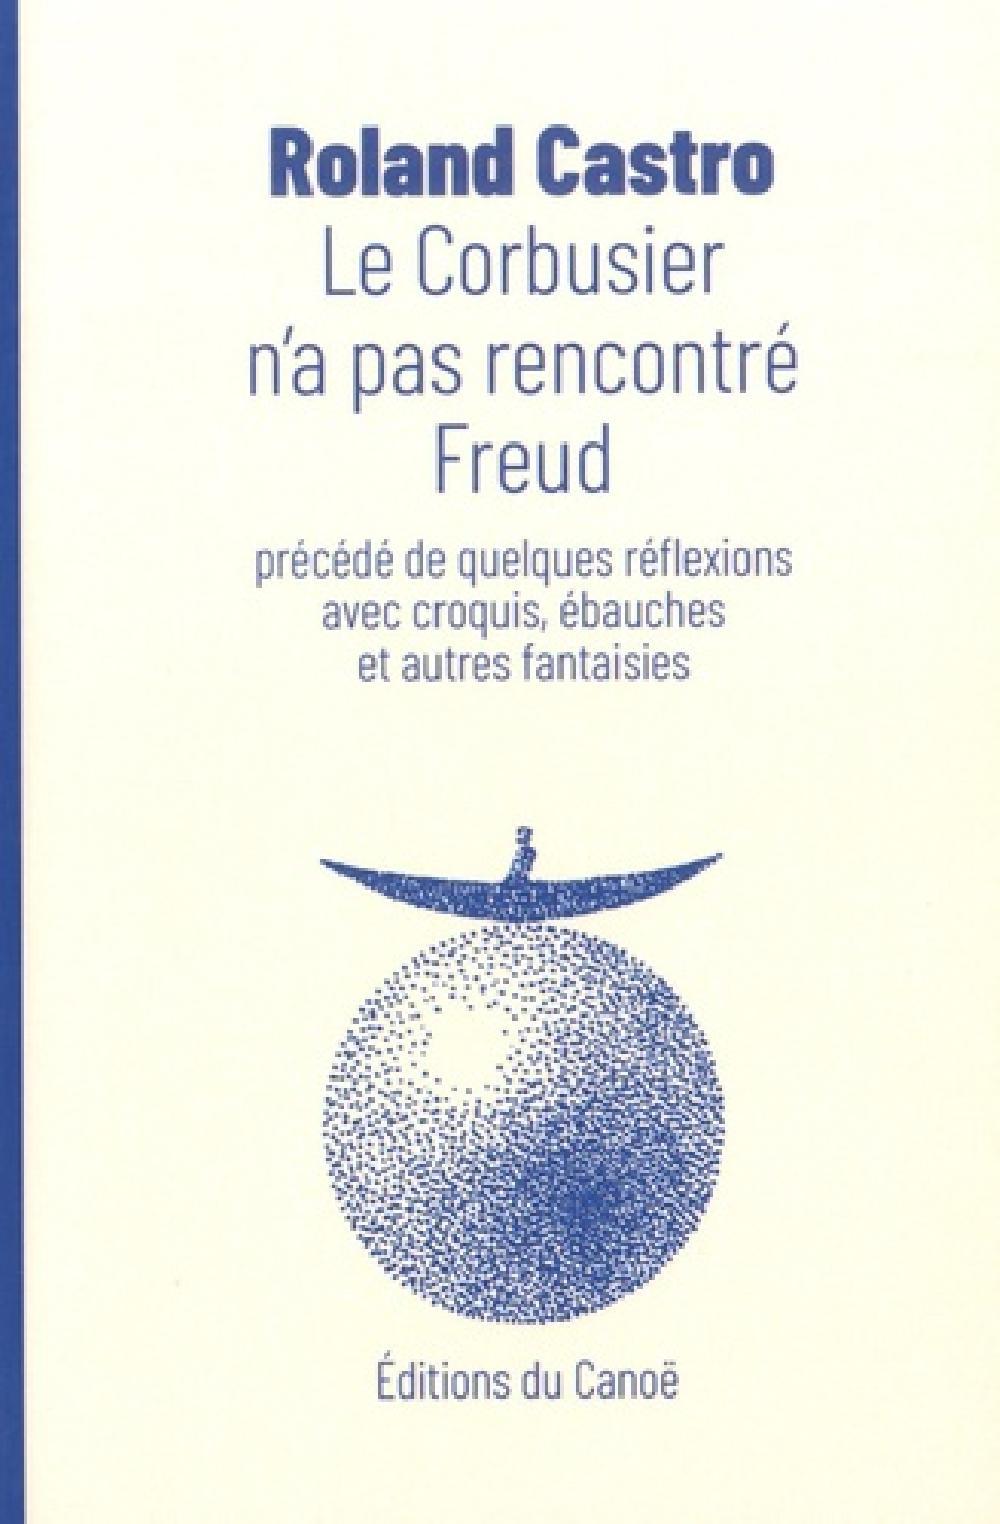 Le Corbusier n'a pas rencontré Freud